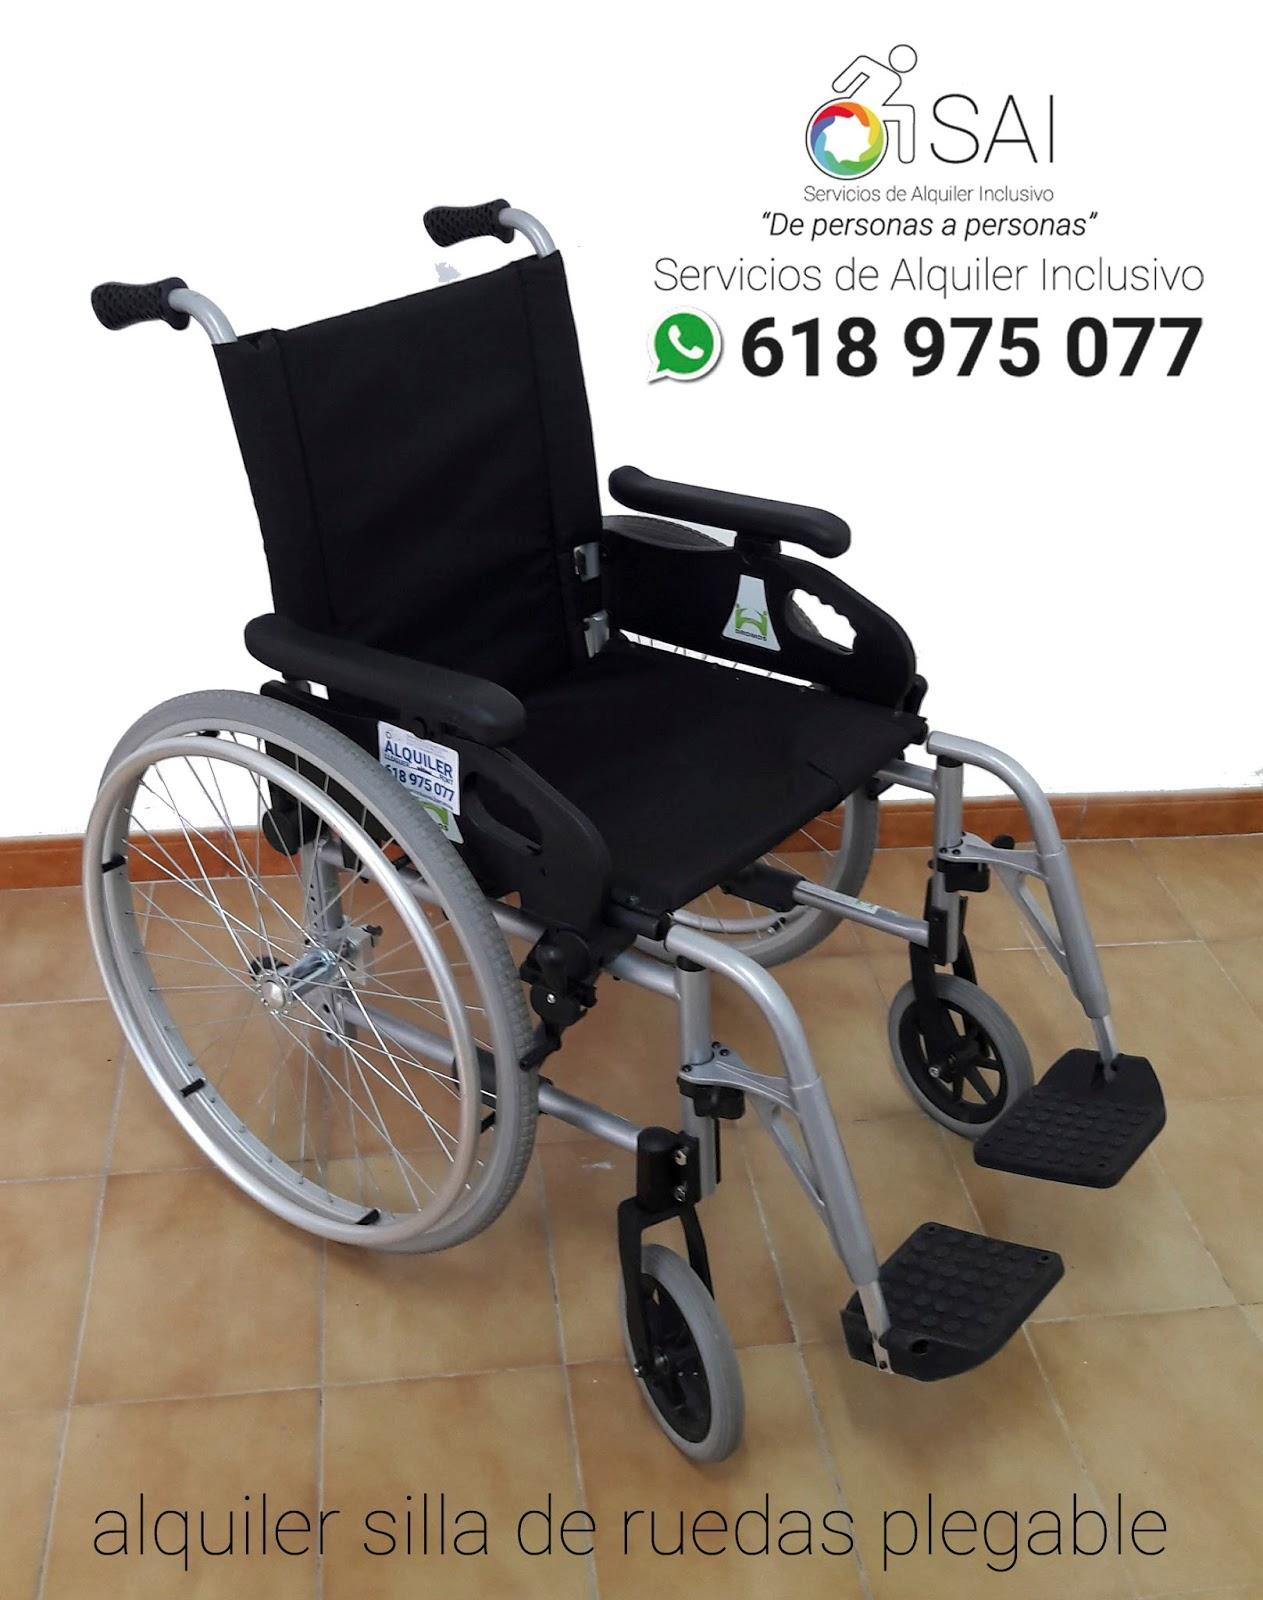 Servicios Alquiler Inclusivo Barcelona Alquiler Sillas de Ruedas